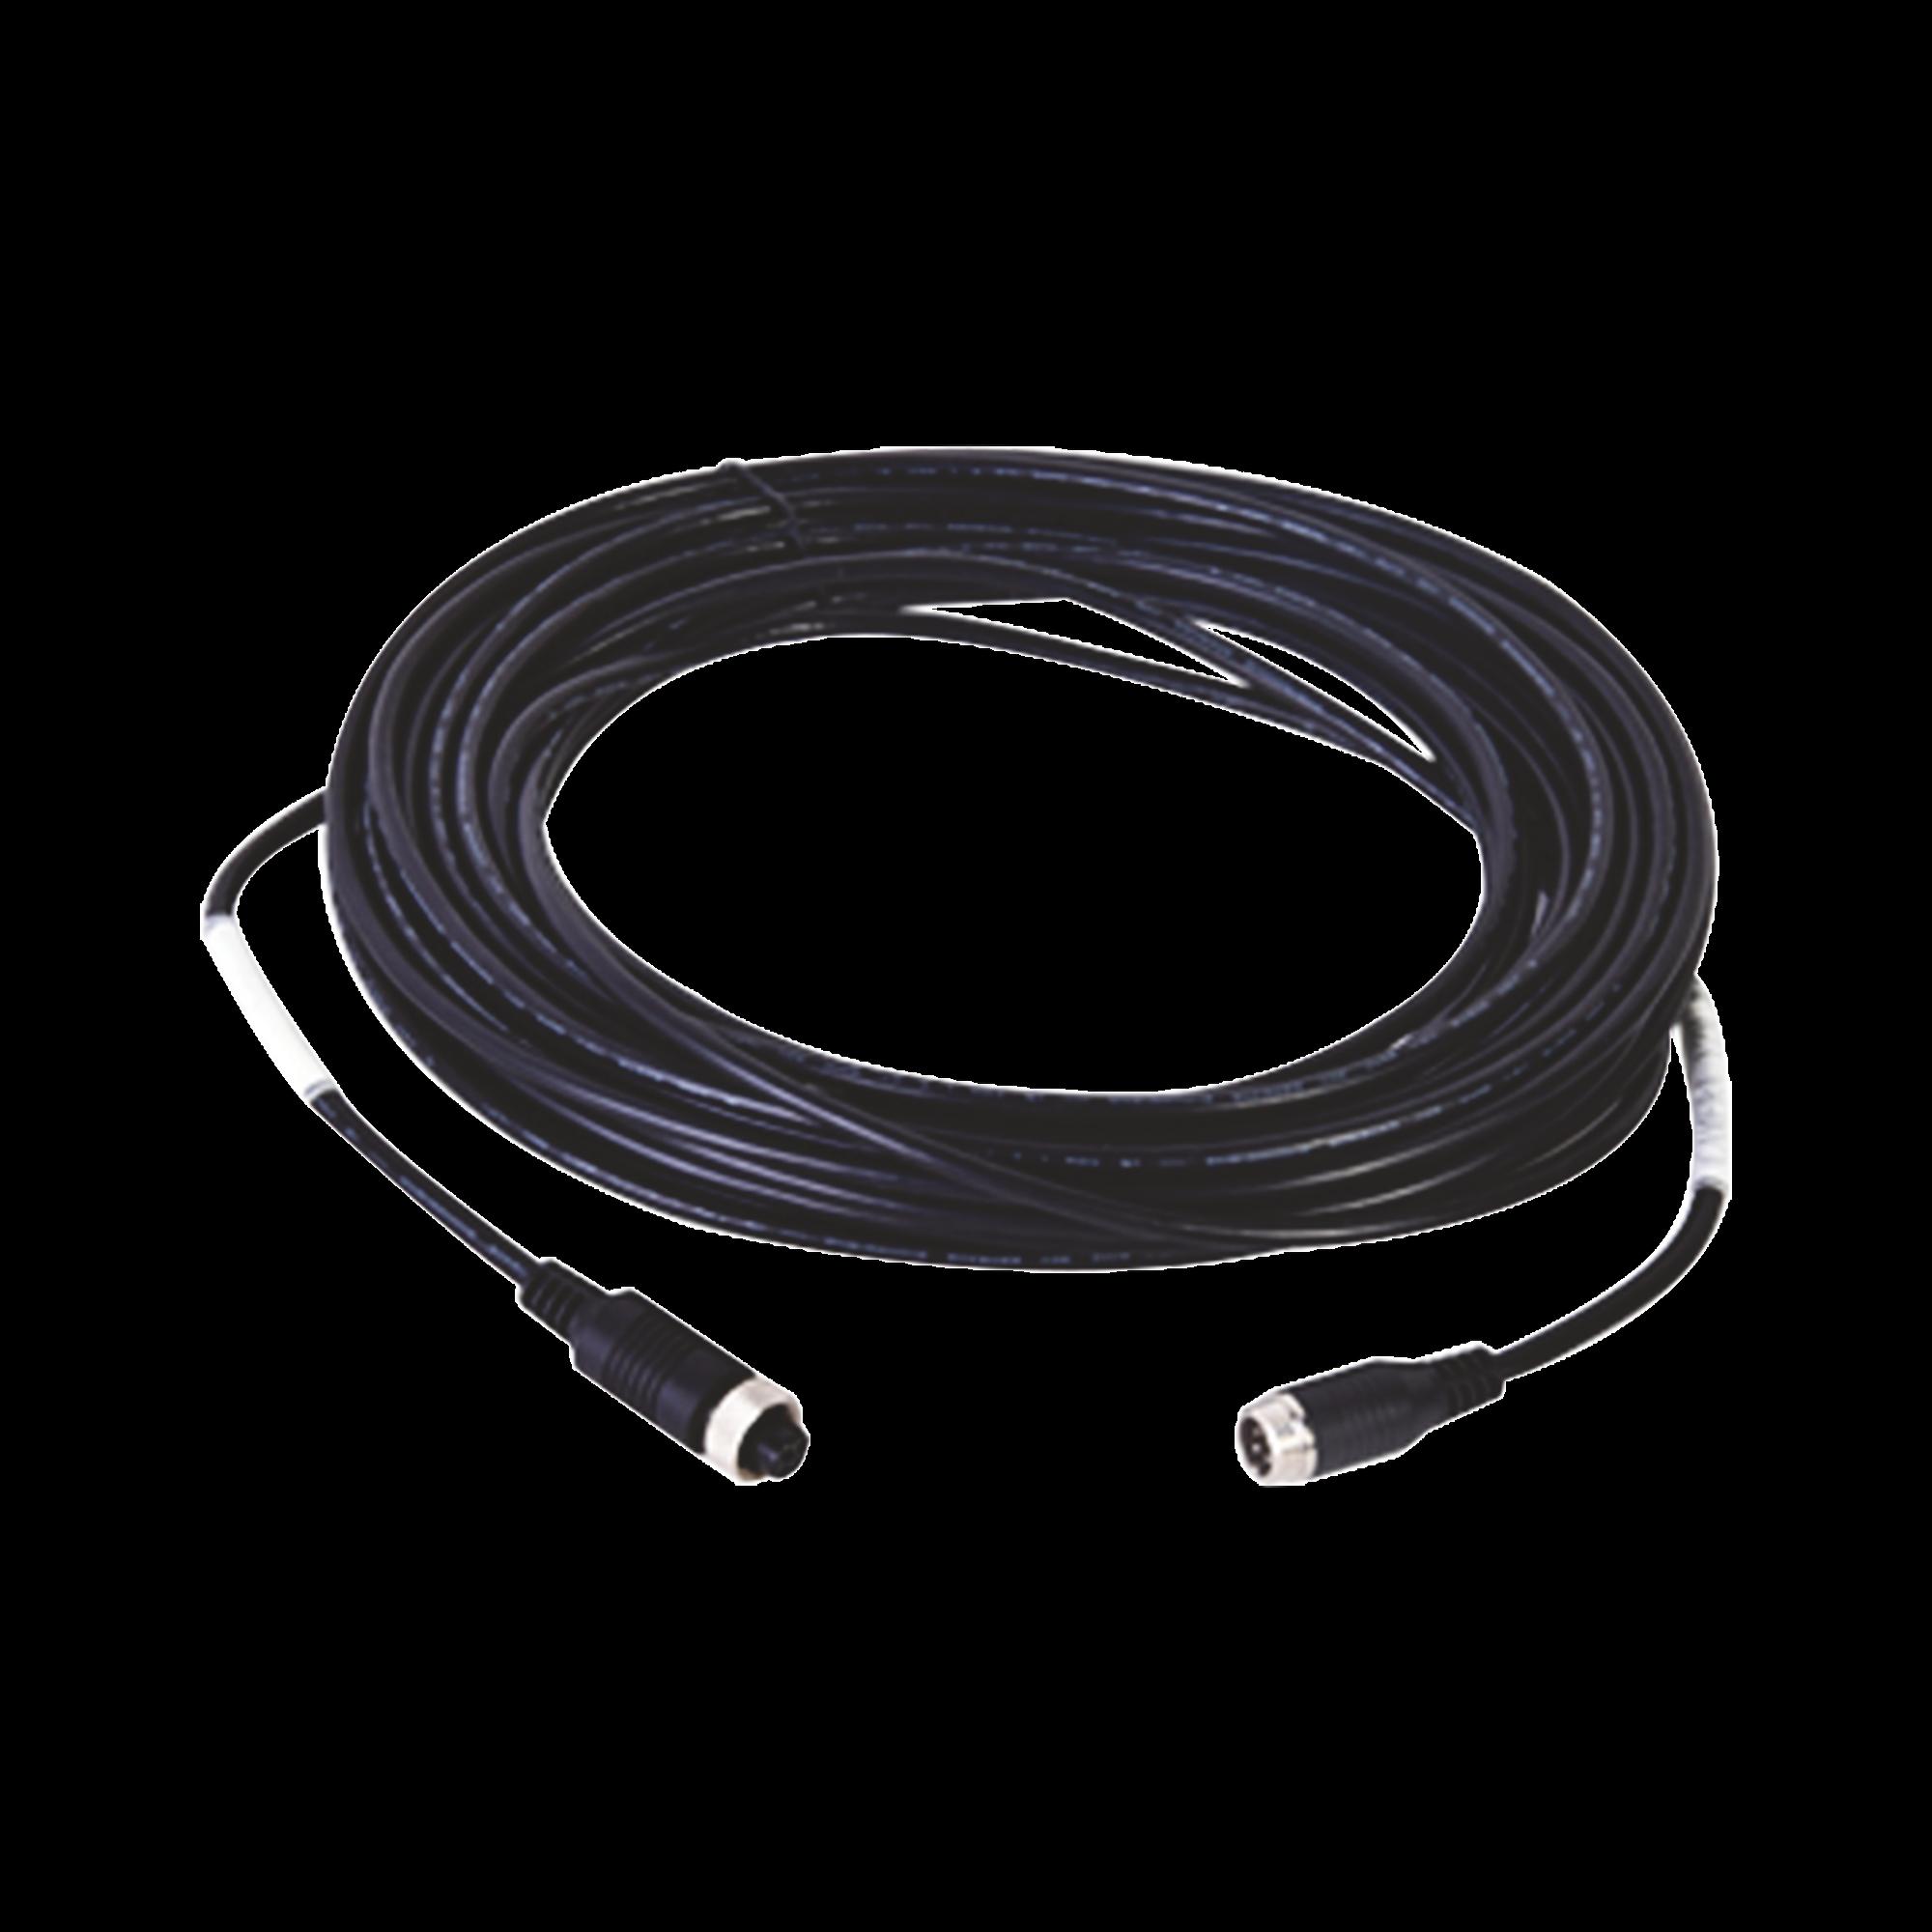 Cable Extensor de Vídeo y Audio de 8 Metros / Conector Tipo Aviación / Compatible con Cámara Móvil HIKVISION